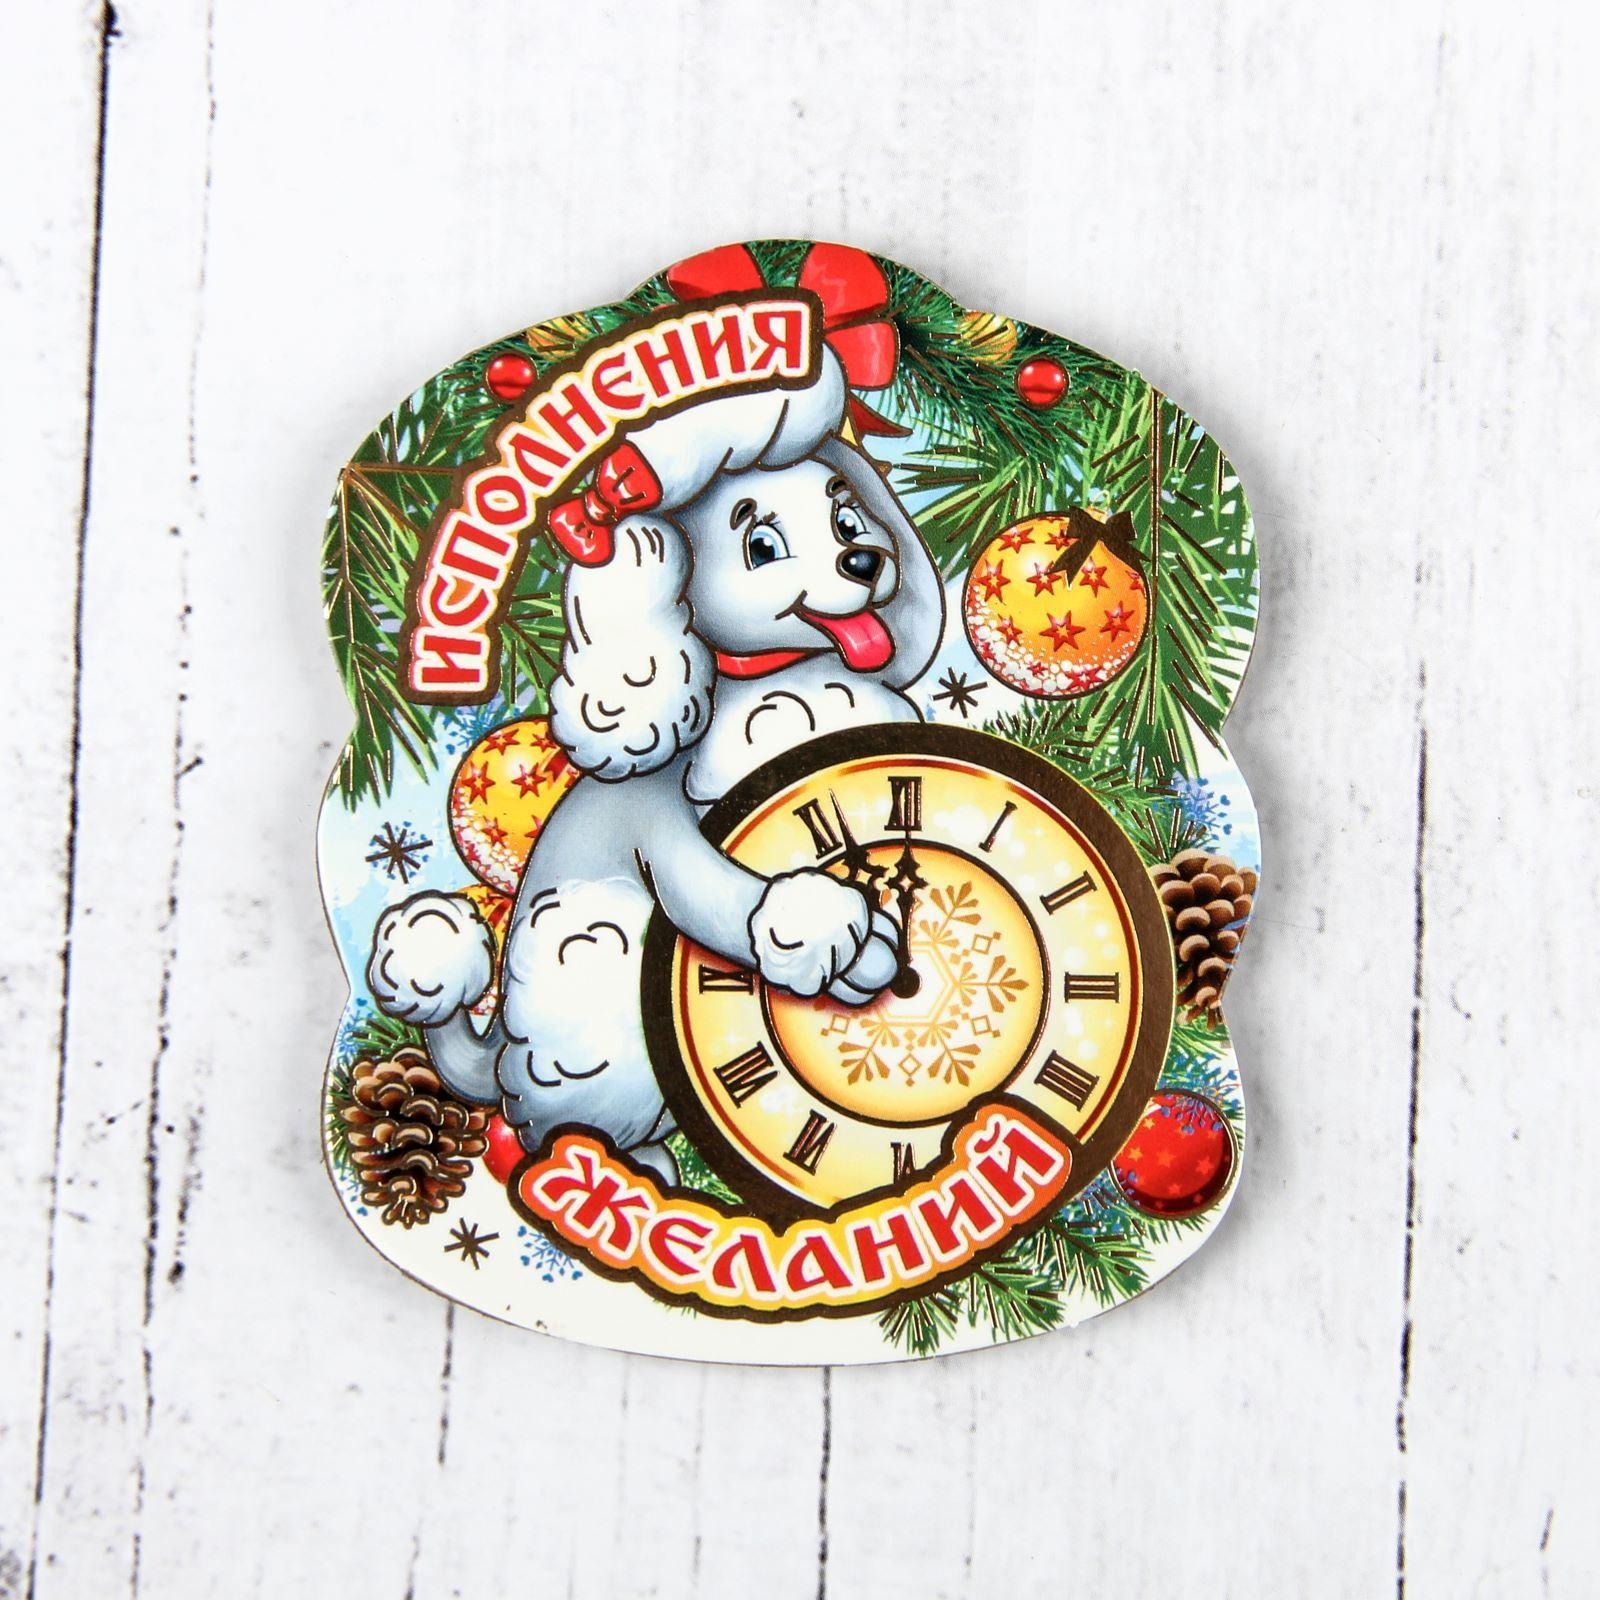 Магнит Sima-land Новогодний. 2018, 9 х 7,5 см. 25324302532430Порадуйте родных и близких оригинальным сувениром: преподнесите в подарок магнит. С ним даже самый серьезный человек почувствует себя ребенком, ожидающим чудо! Прикрепите его к любой металлической поверхности, и он удержит на виду важные записки, любовные послания или просто список продуктов.Создайте праздничное настроение, и оно останется с вами на весь год.